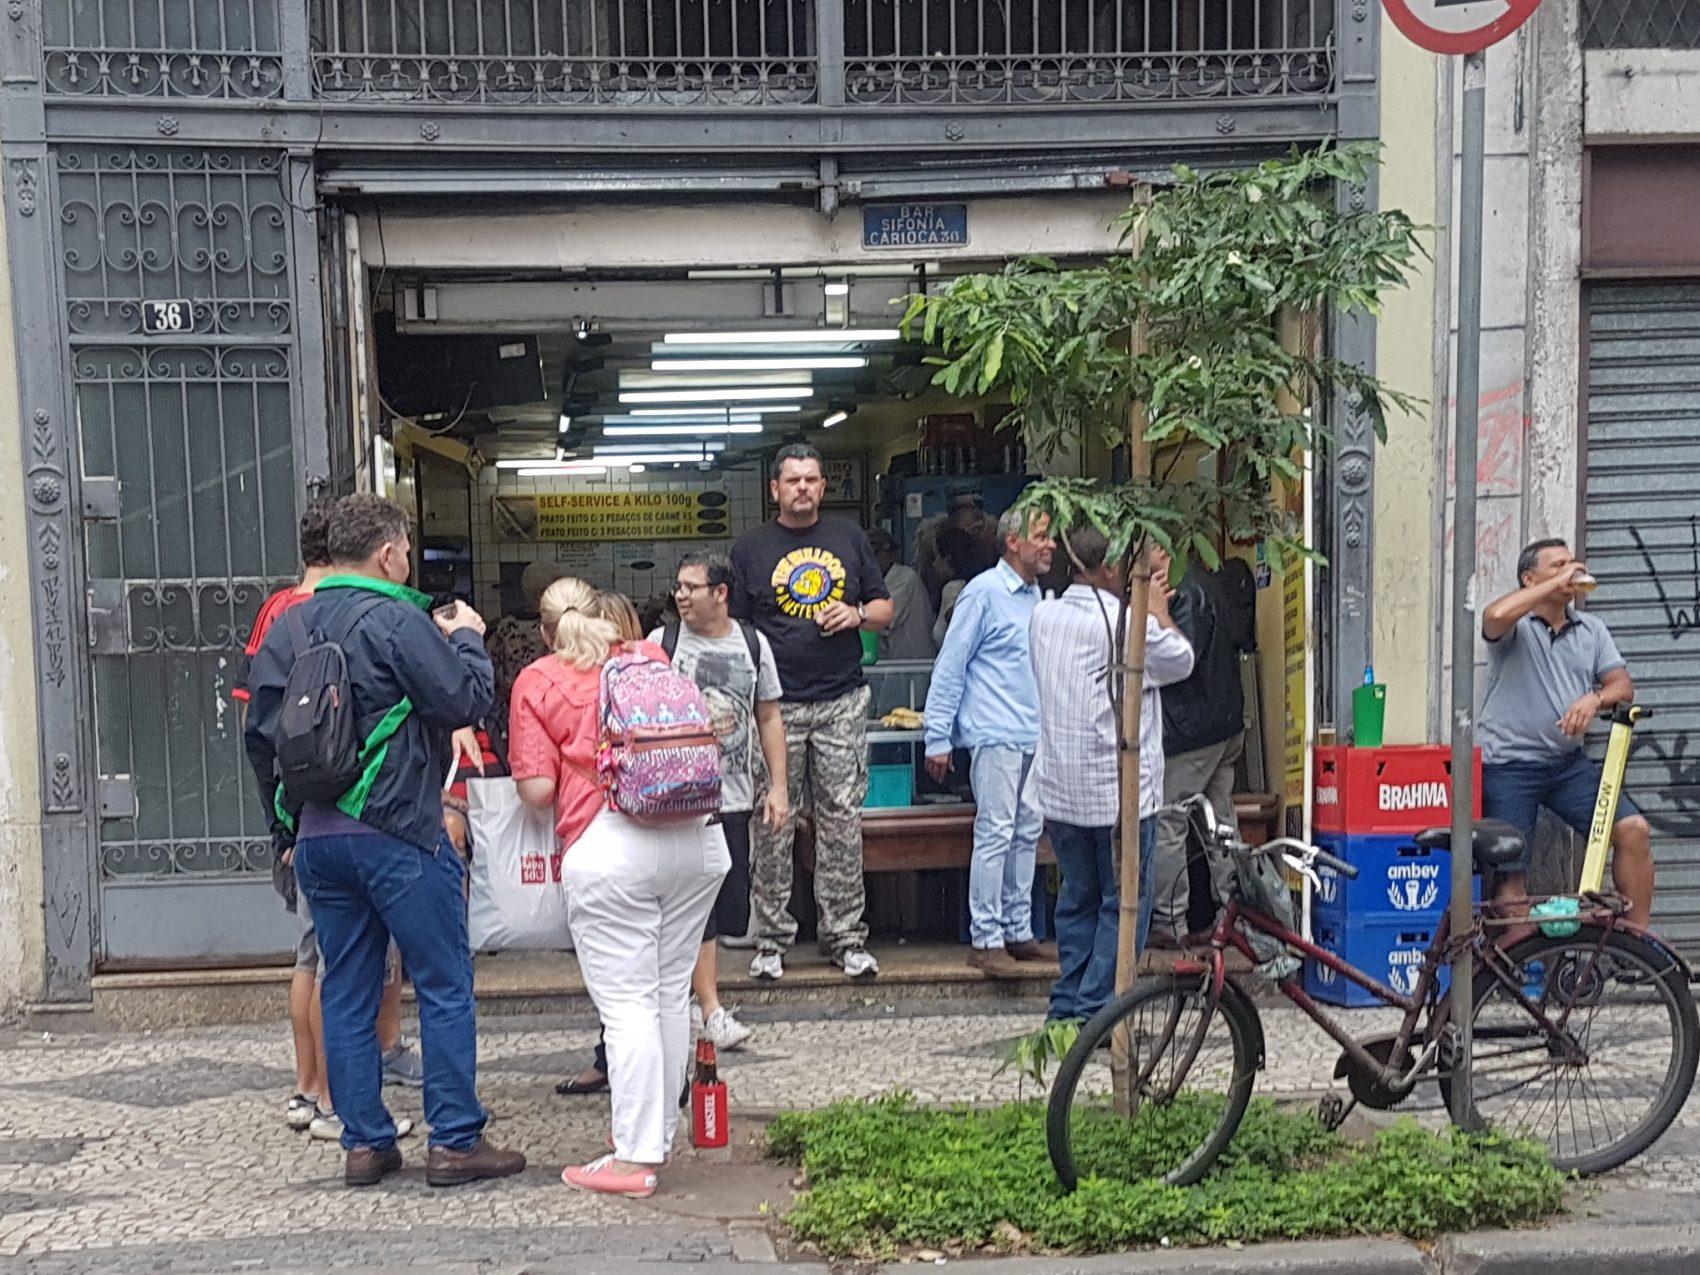 O Bar Sinfonia também cheio com as filas no Bar Luiz e o samba na rua: esperança de novos tempos (Foto: Oscar Valporto)